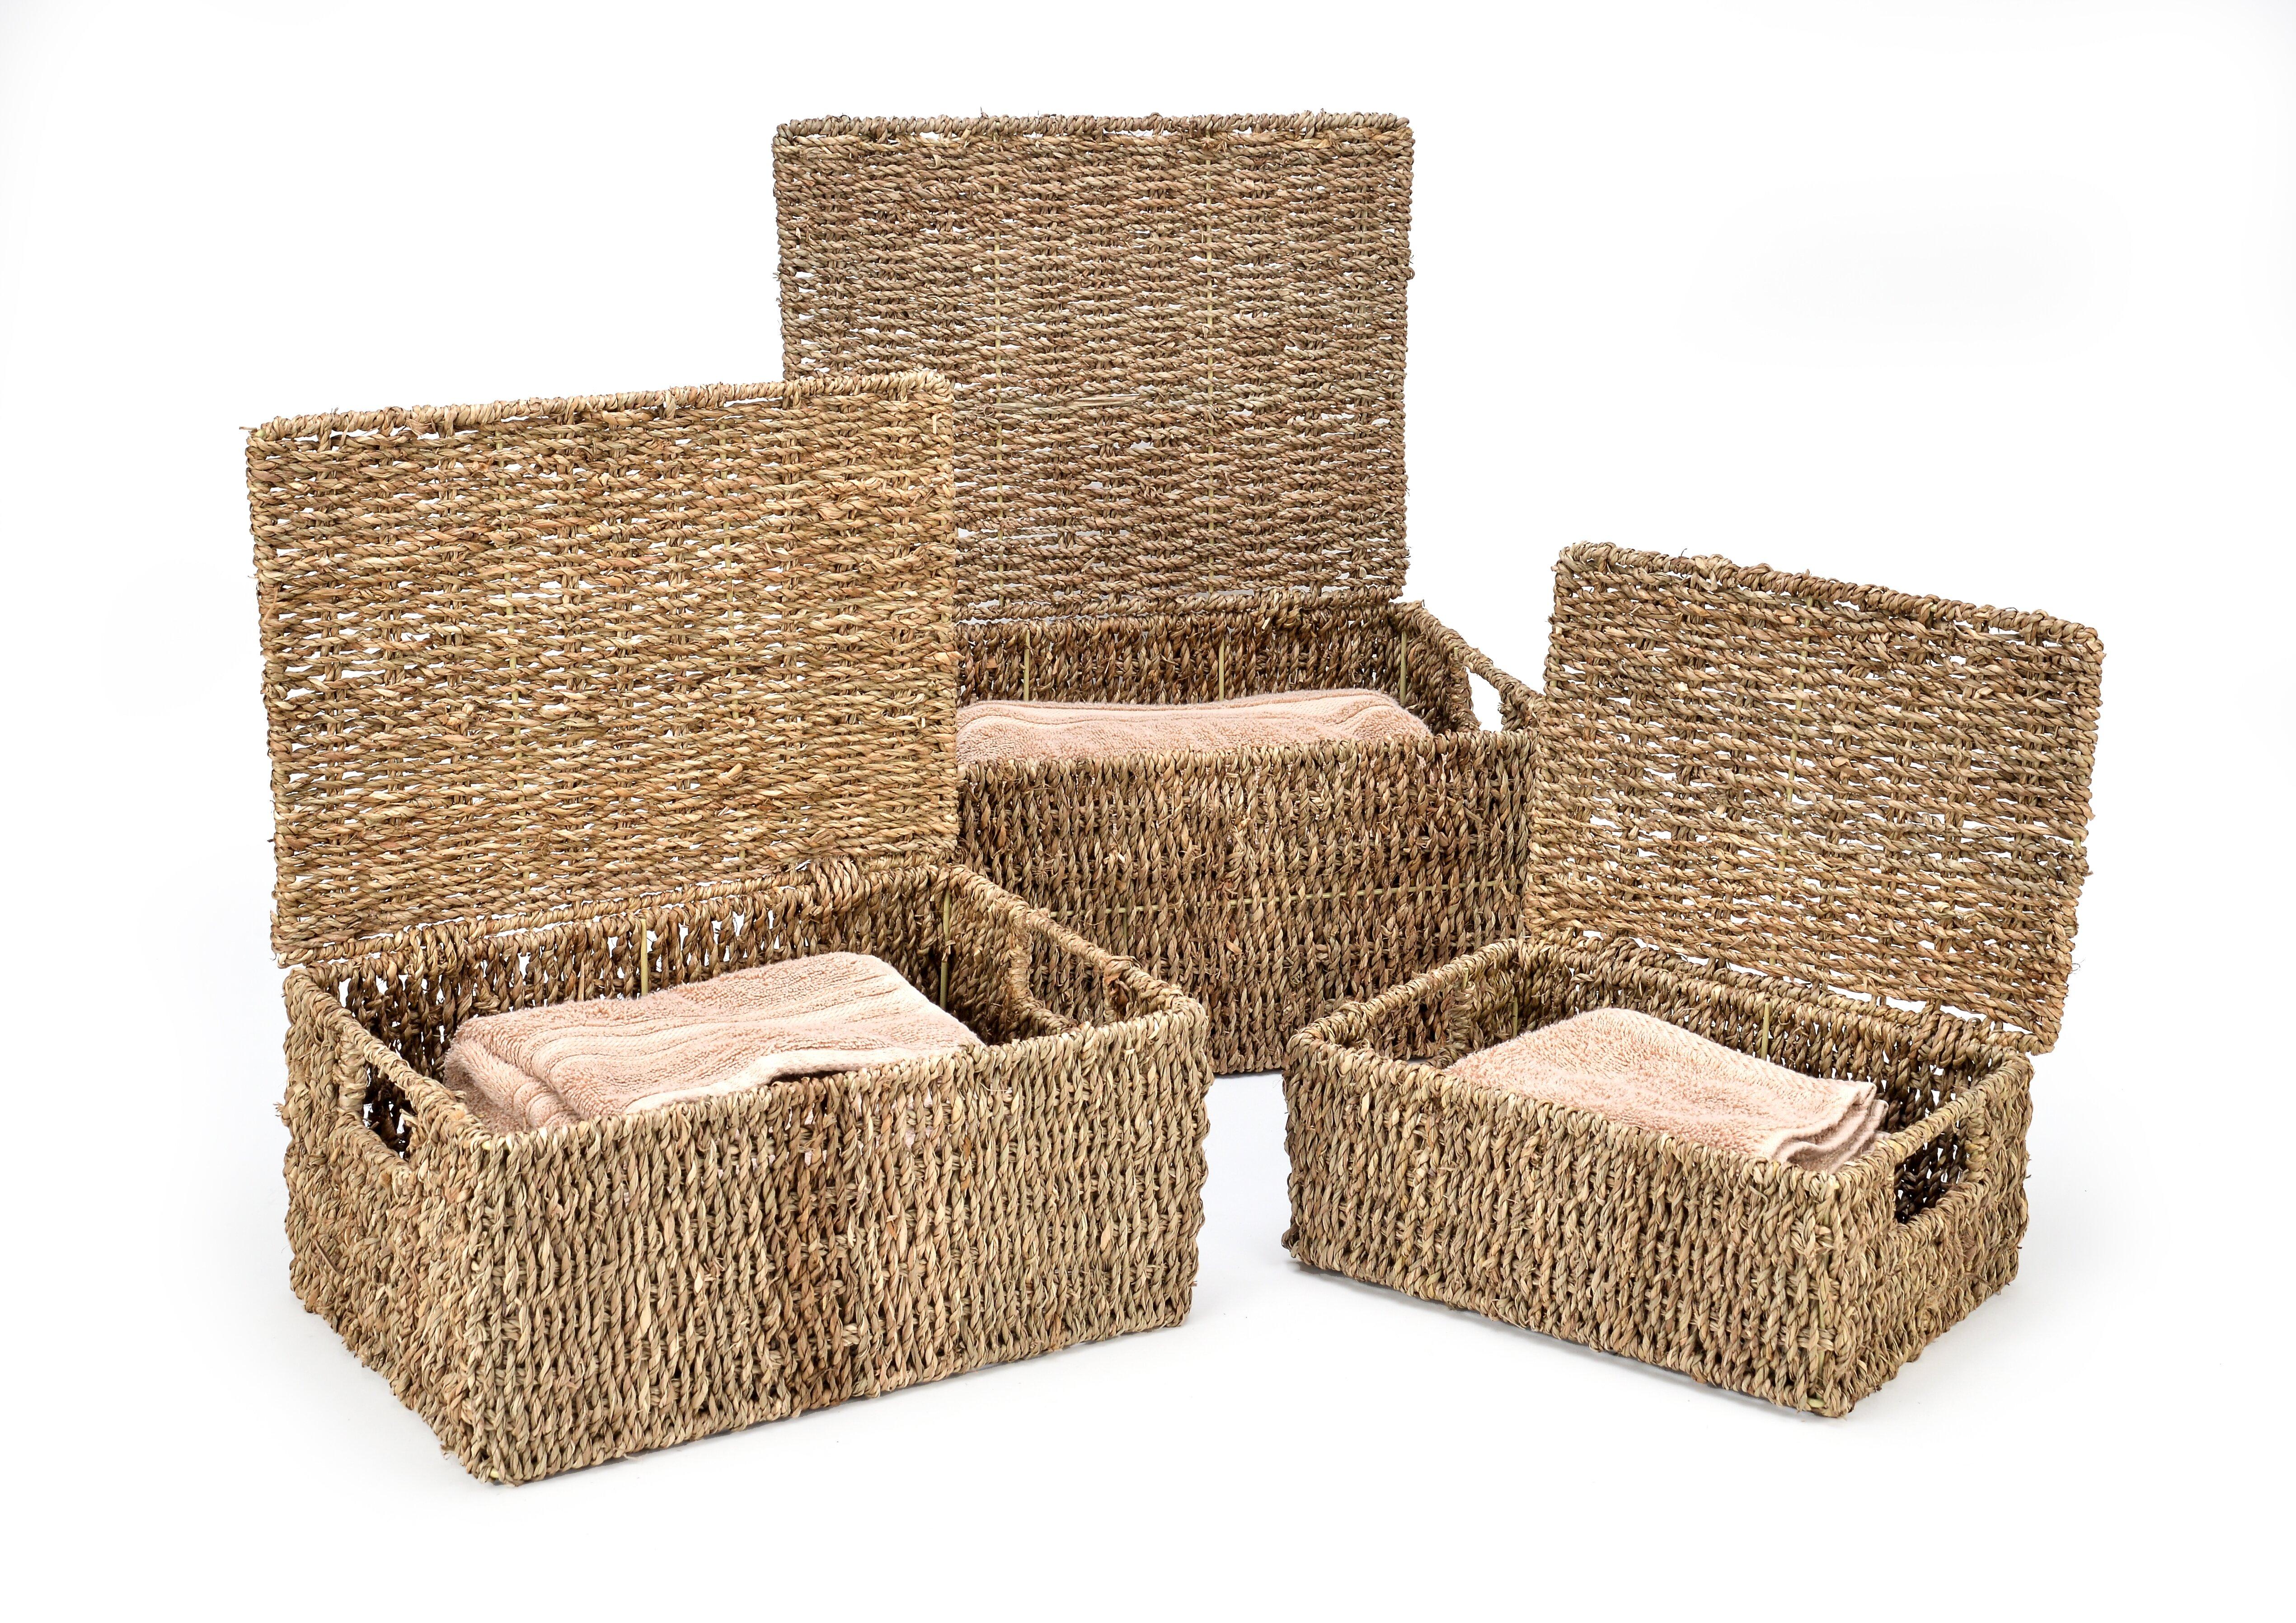 3 Piece Rectangular Seagrass Basket Set Reviews Joss Main